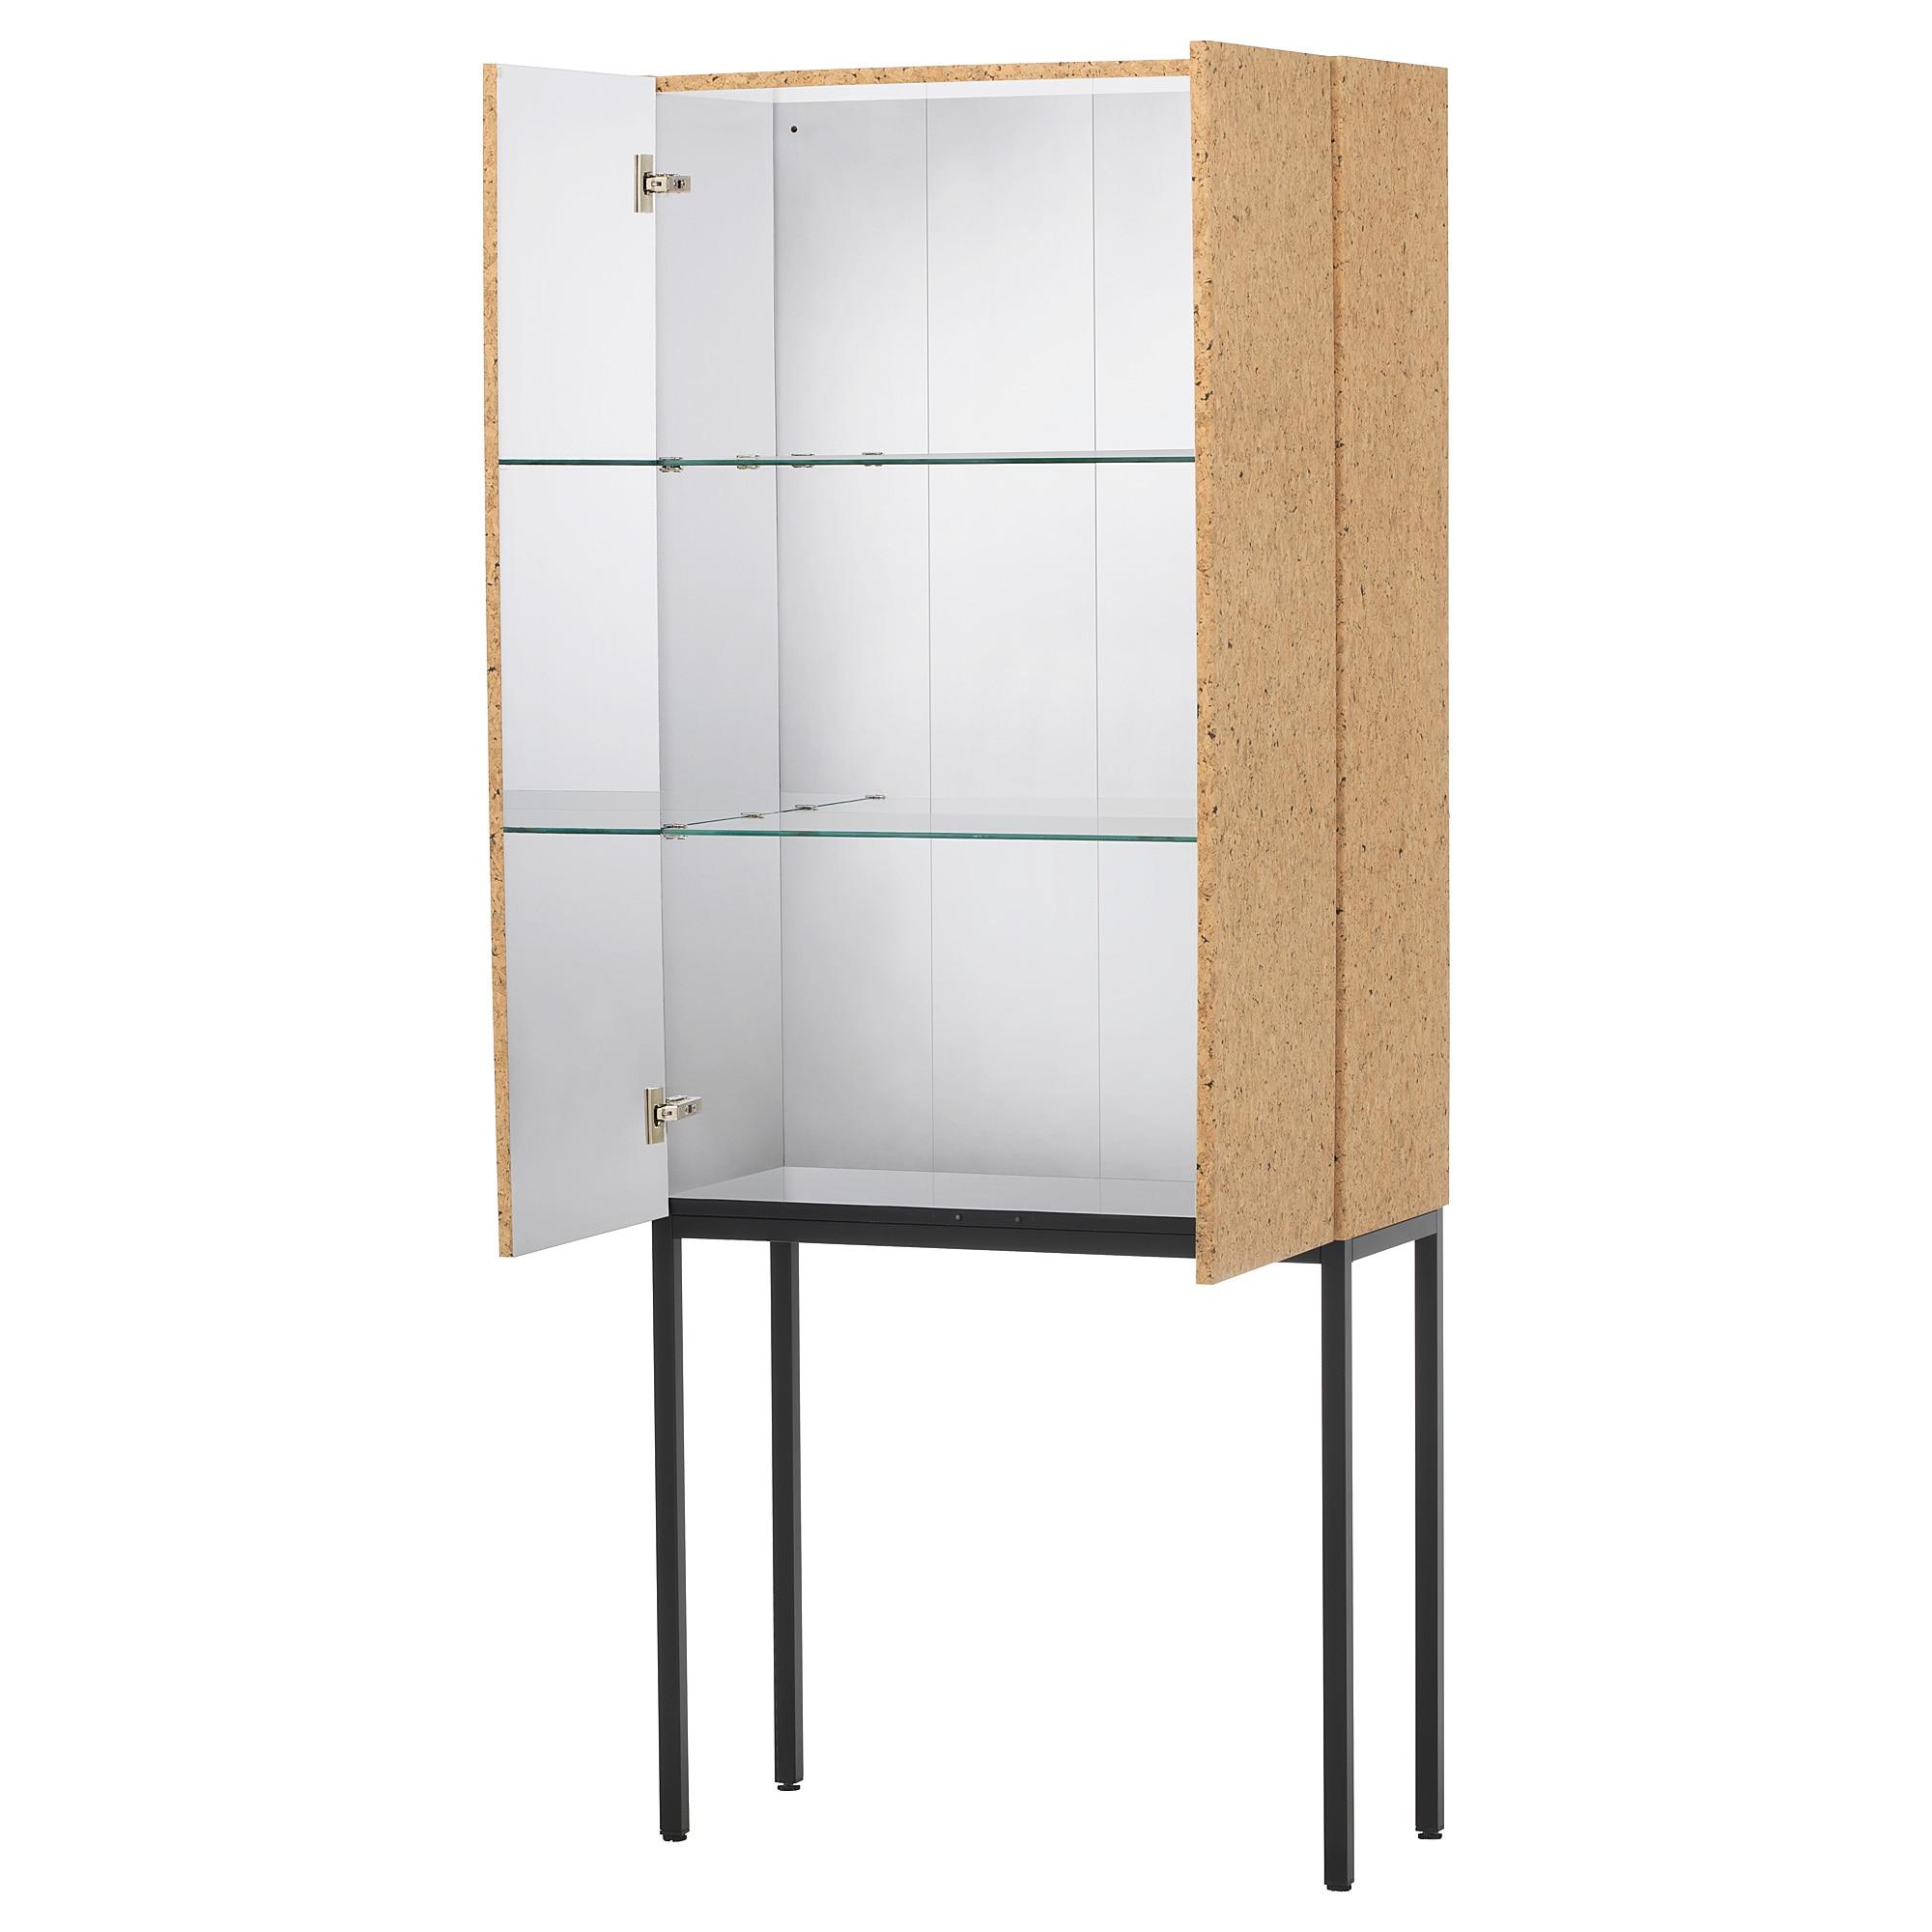 Mobilier Et Decoration Interieur Et Exterieur Idees Pour La Maison Ikea Rangement